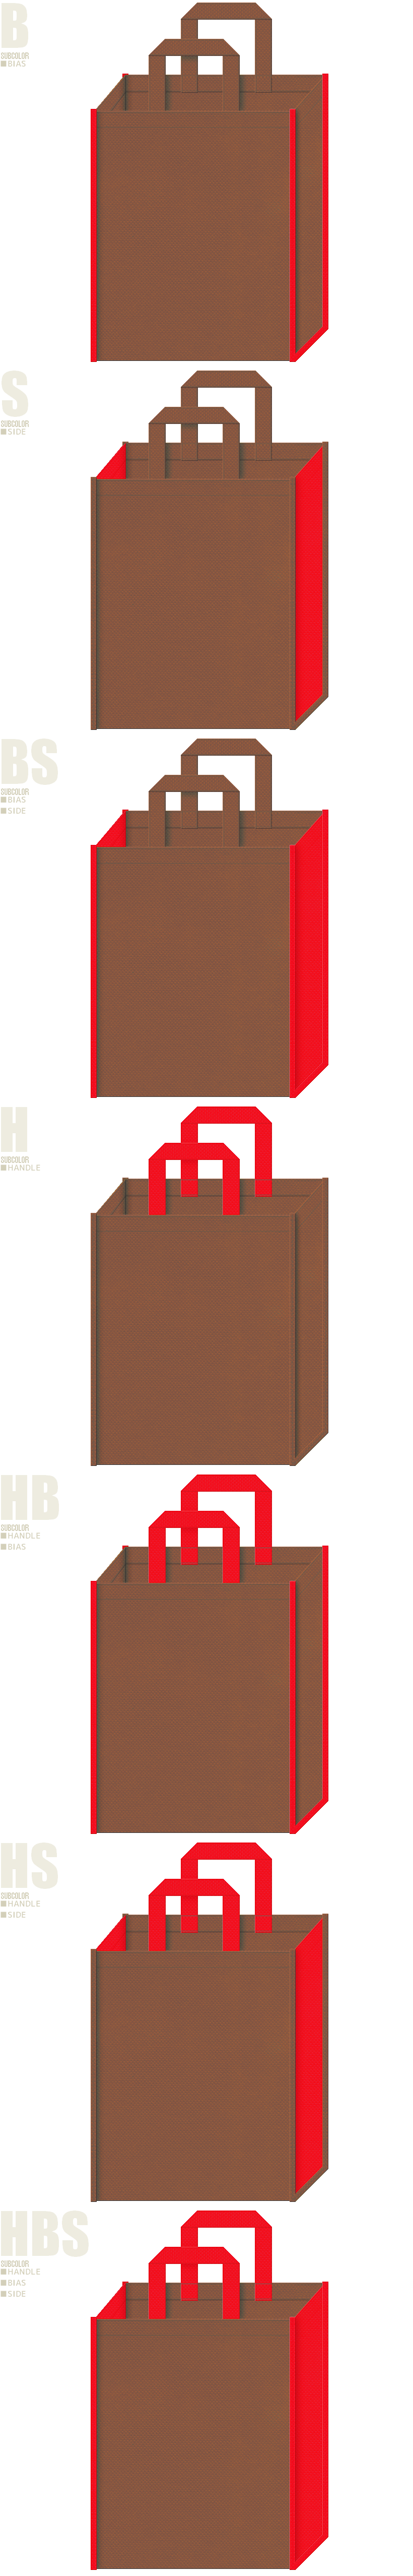 クリスマス向けの不織布バッグにお奨めです。茶色と赤色、7パターンの不織布トートバッグ配色デザイン例。暖炉・石窯イメージ。